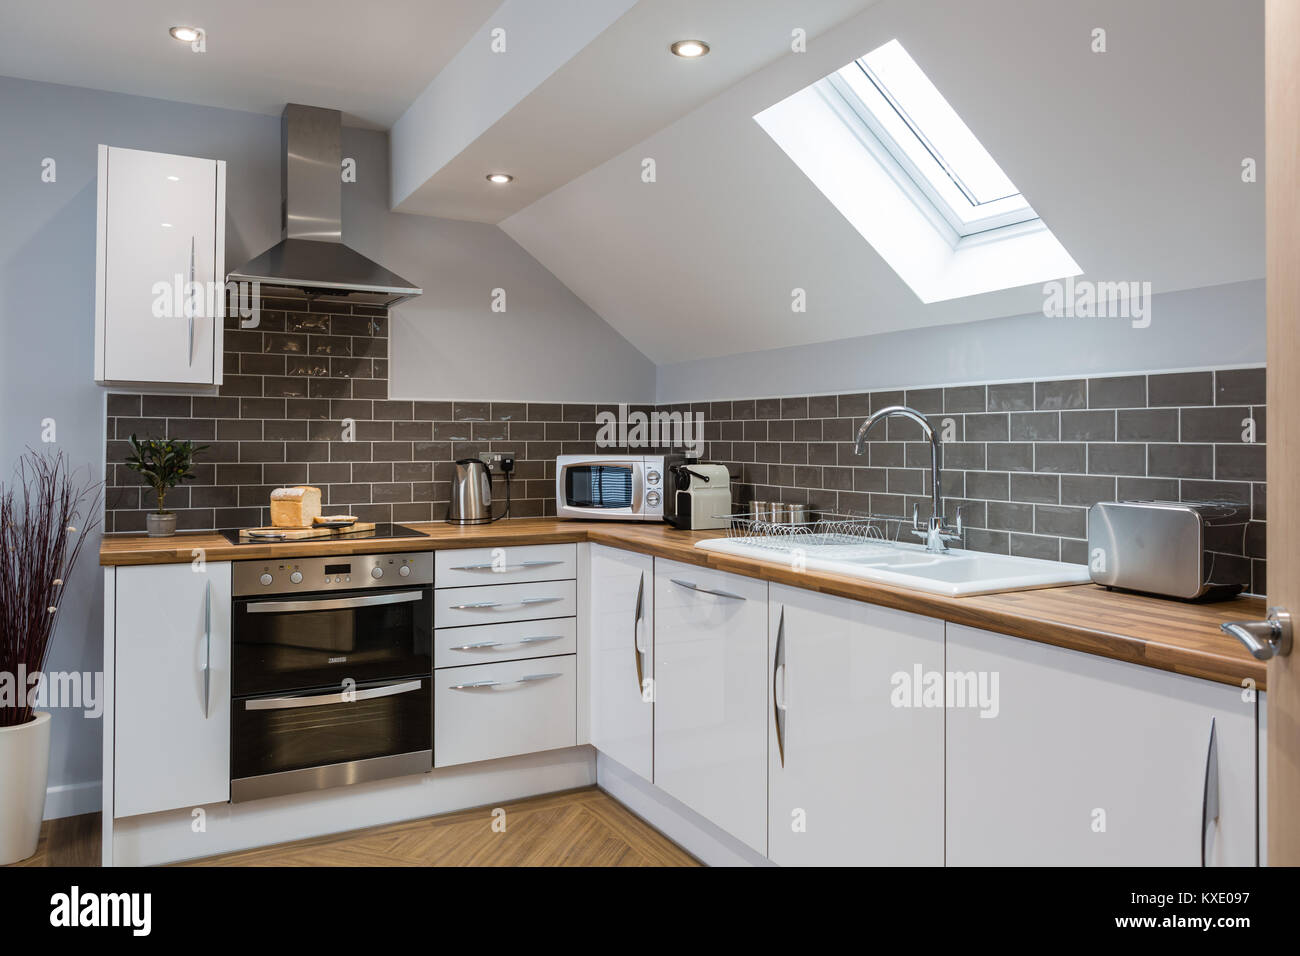 Außergewöhnlich Moderne, weiße Küche mit Holz- Arbeitsplatten Stockfoto, Bild &DO_69